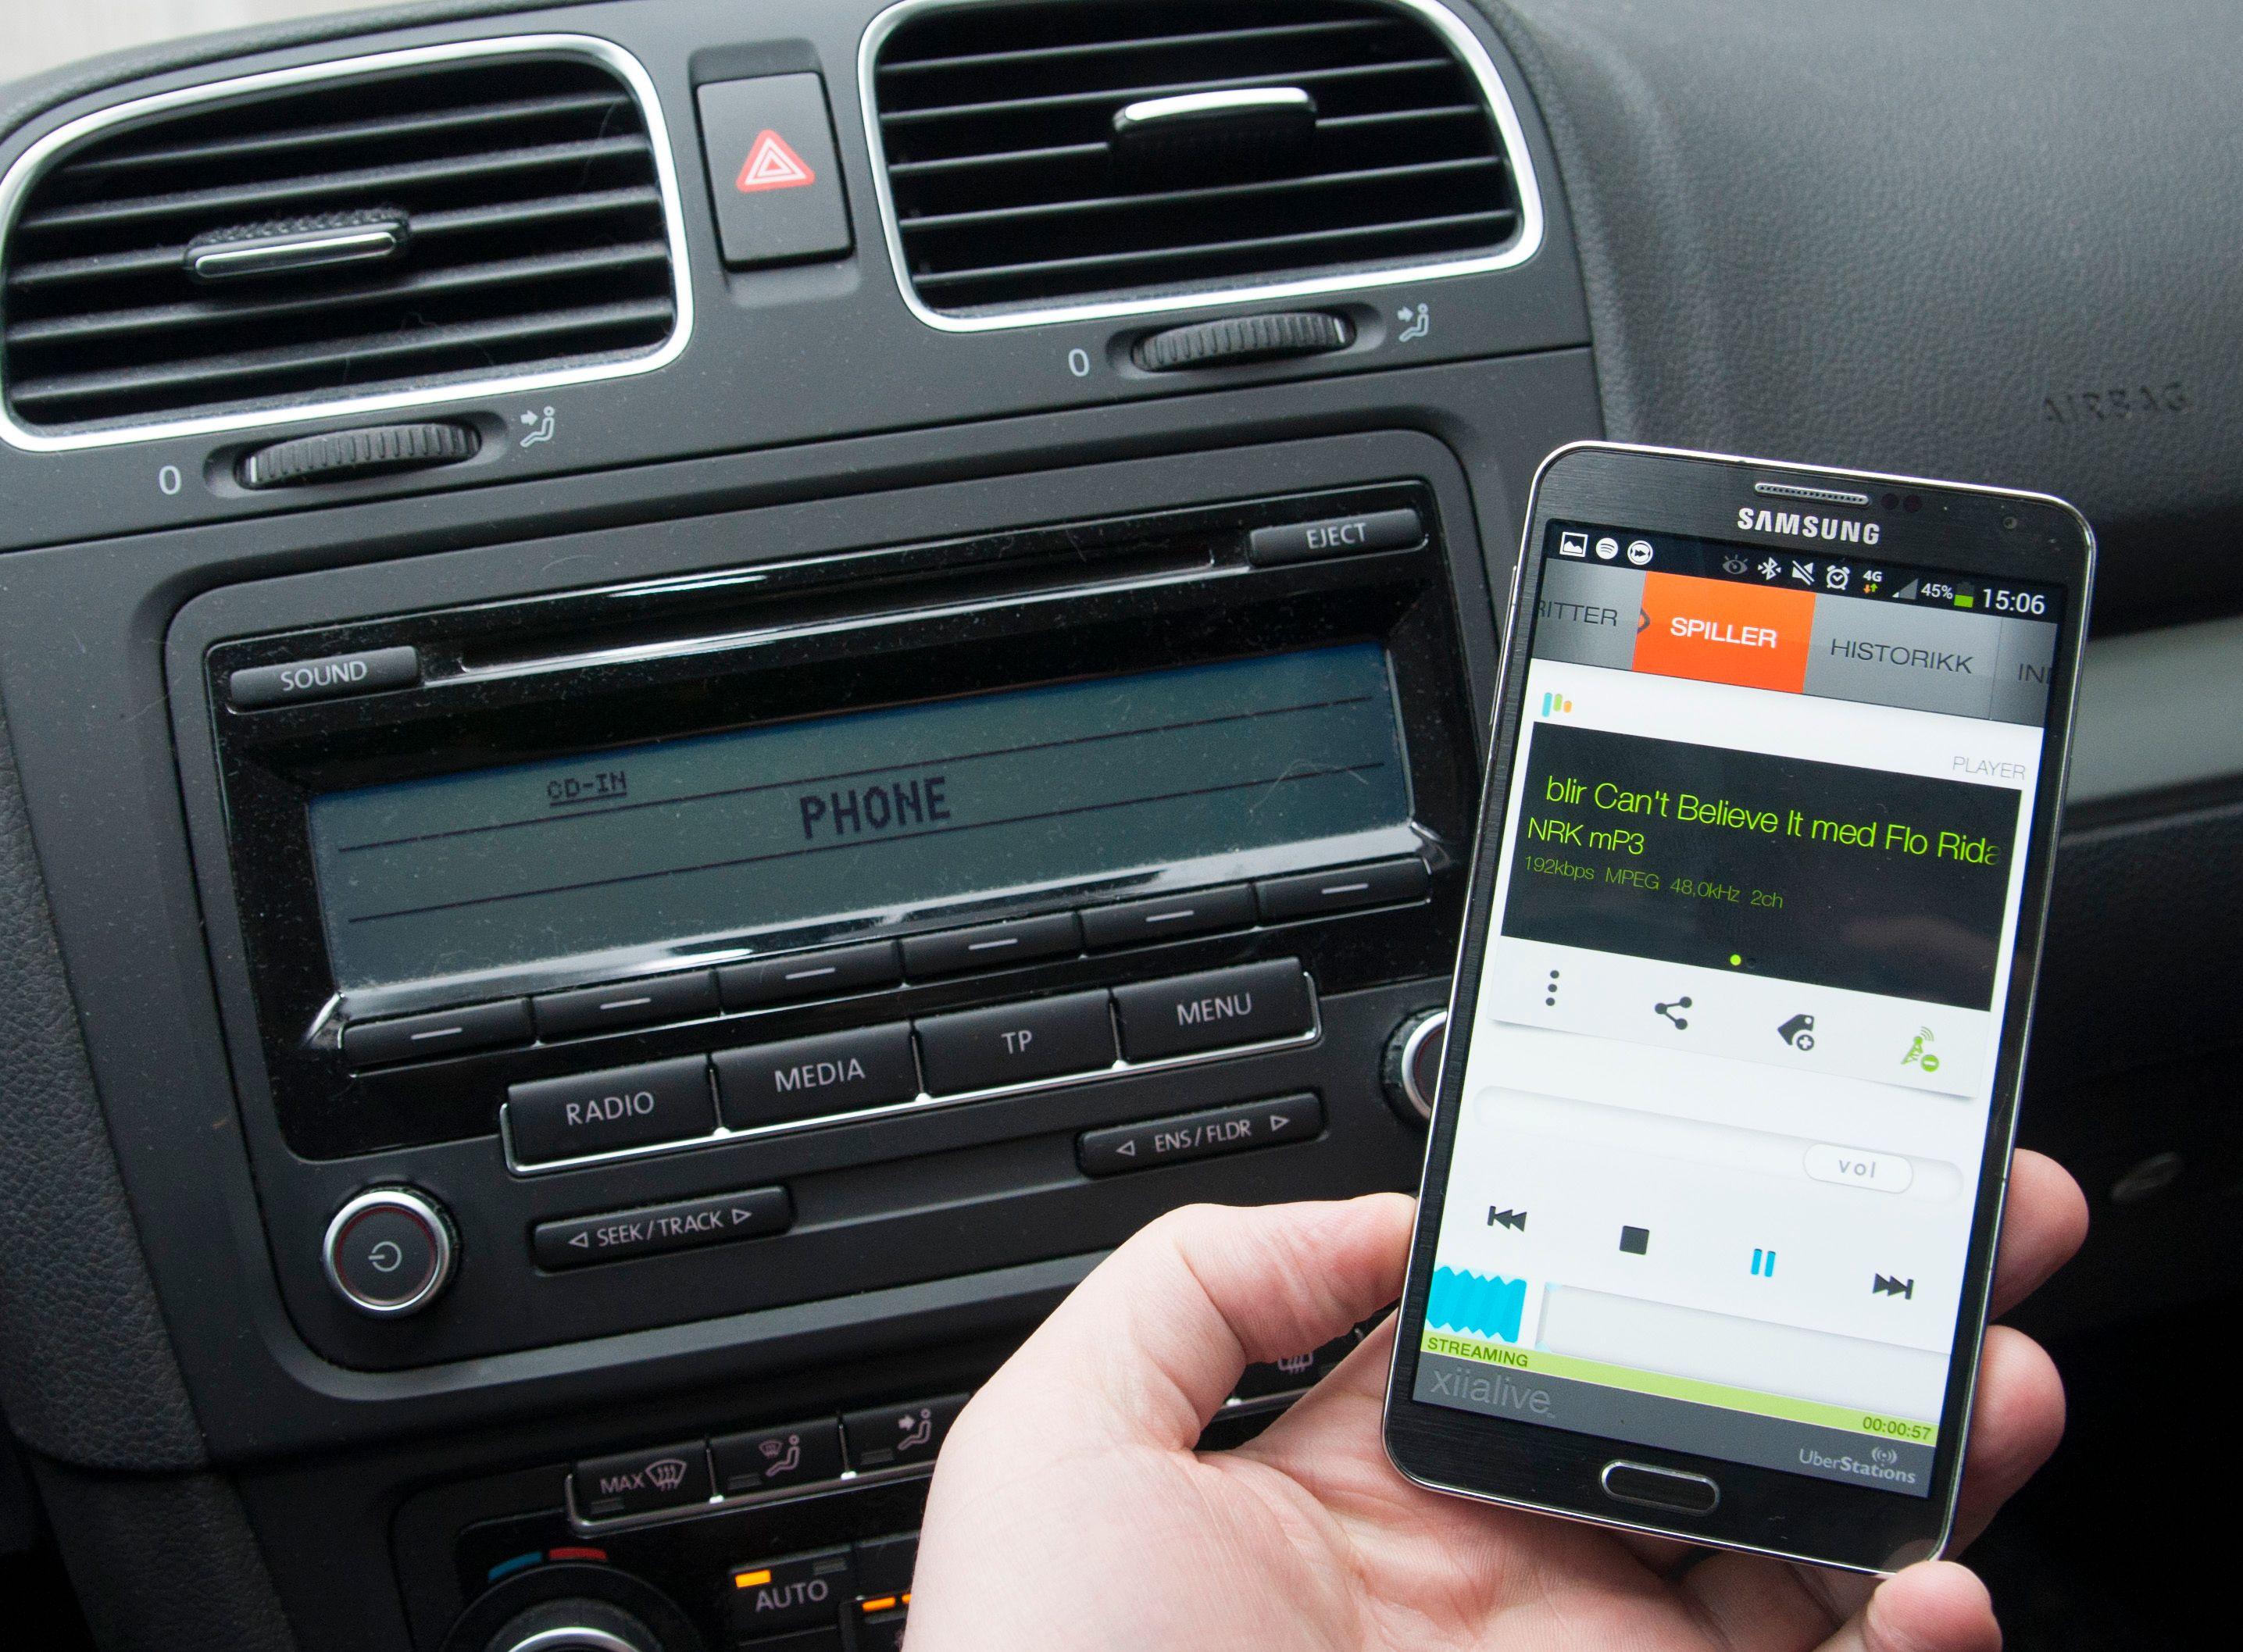 Mest sannsynlig har du allerede en mulig løsning. Den forutsetter imidlertid grei mobildekning, og en romslig datapakke.Foto: Finn Jarle Kvalheim, Amobil.no